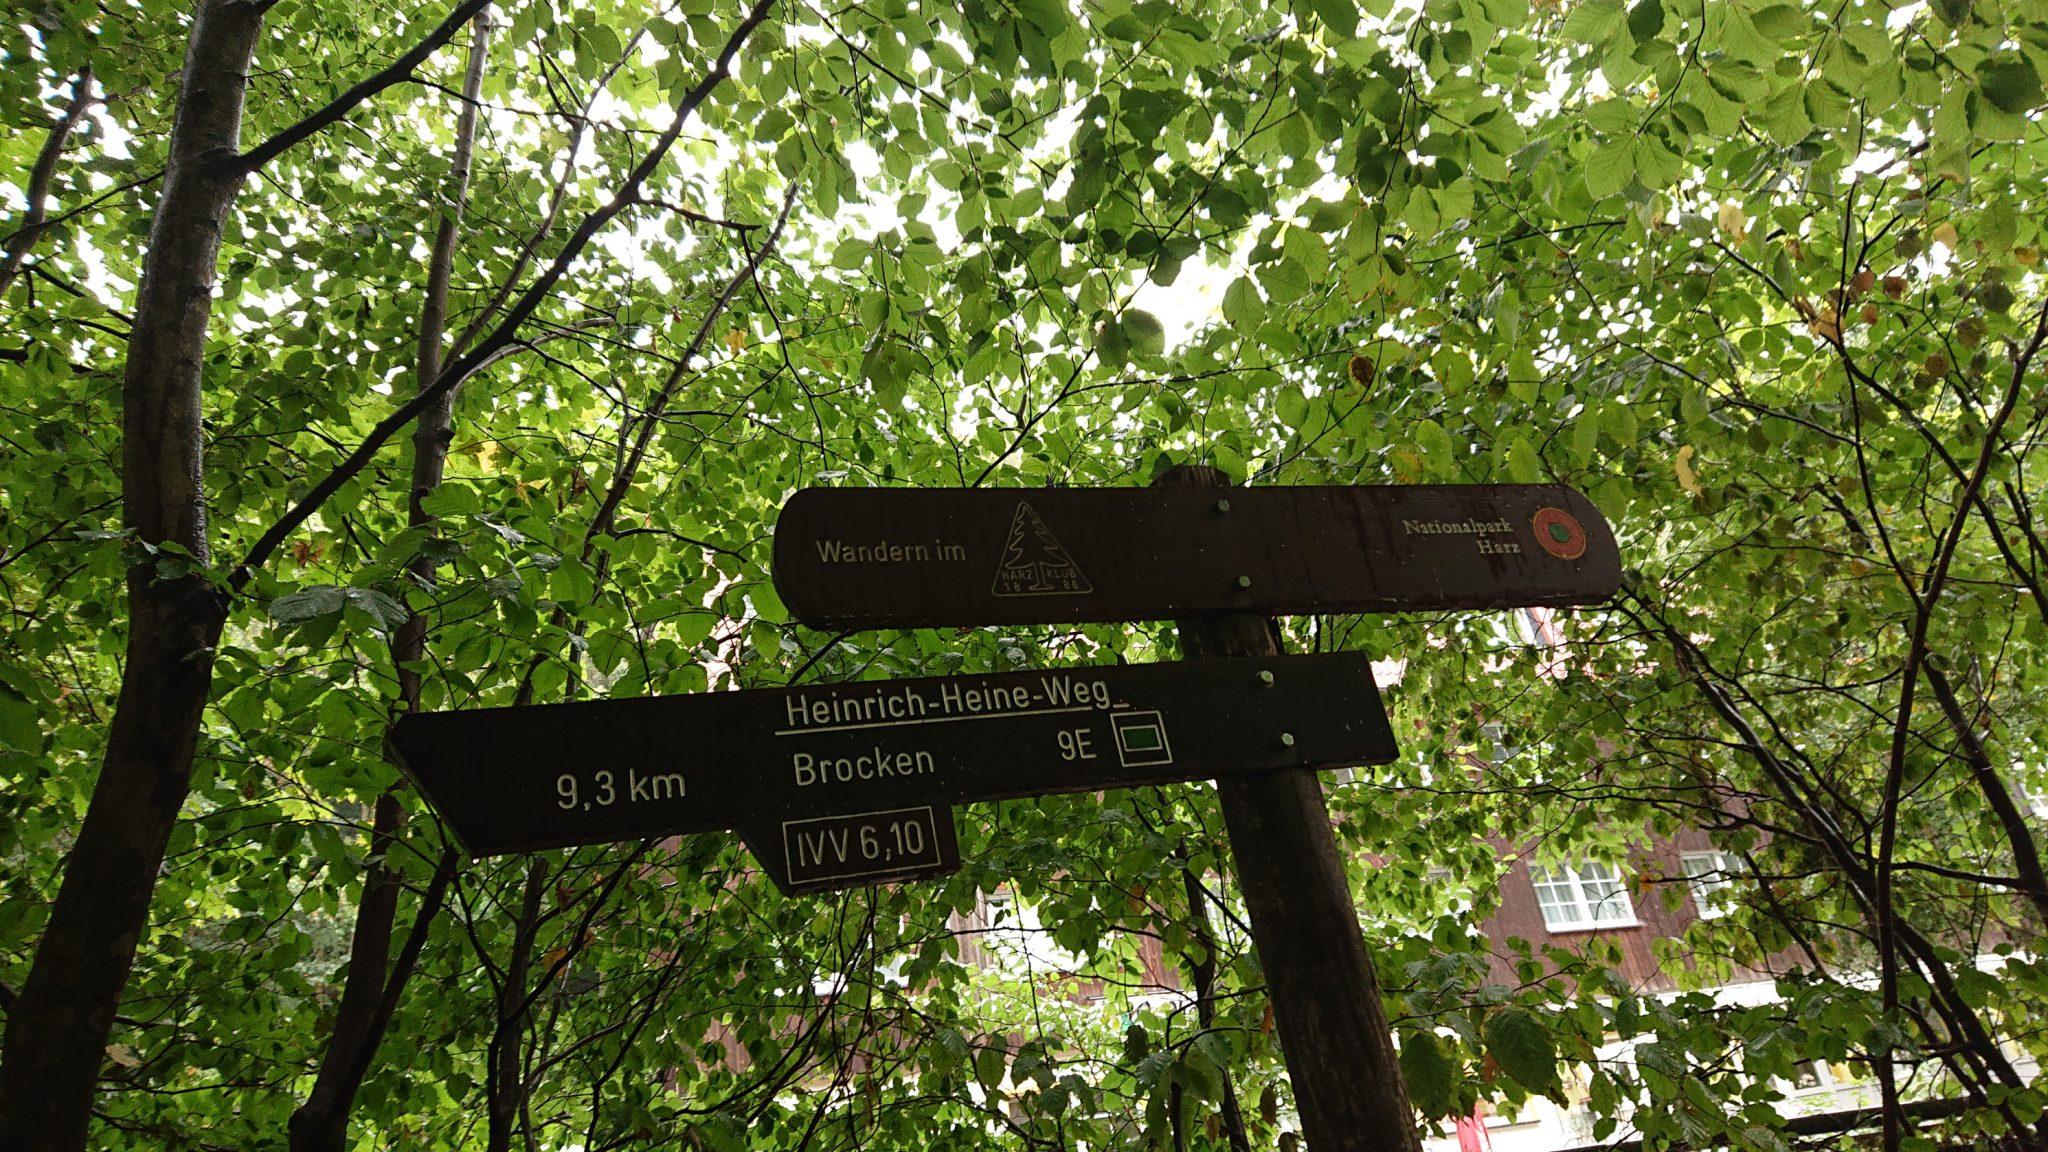 Wanderung Brocken über Heinrich-Heine-Weg Start in Ilsenburg, Nationalpark Harz, Wegmarkierung Schild, 9,3 km bis zum Berg Brocken